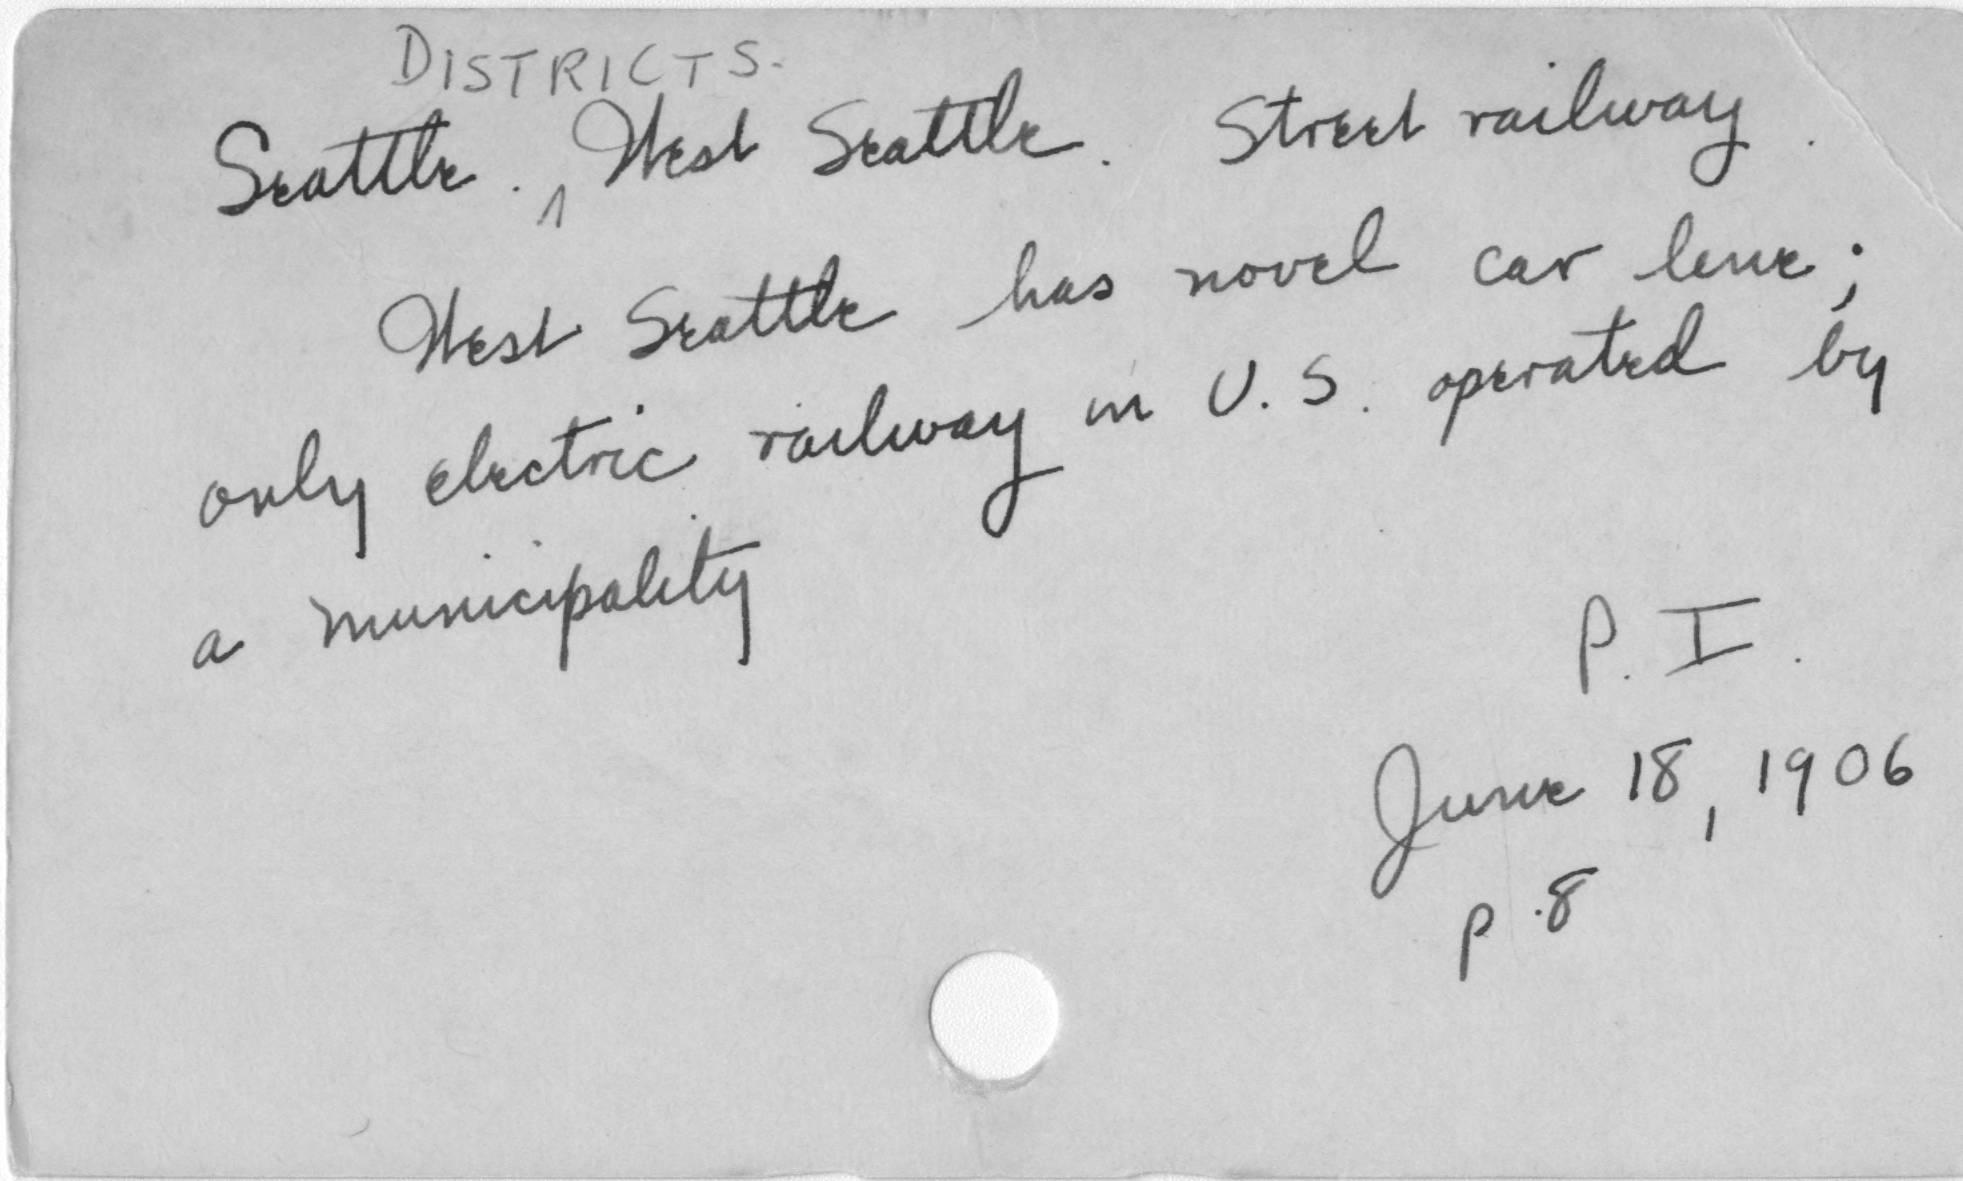 Seattle. Districts. West Seattle. Street Railway.